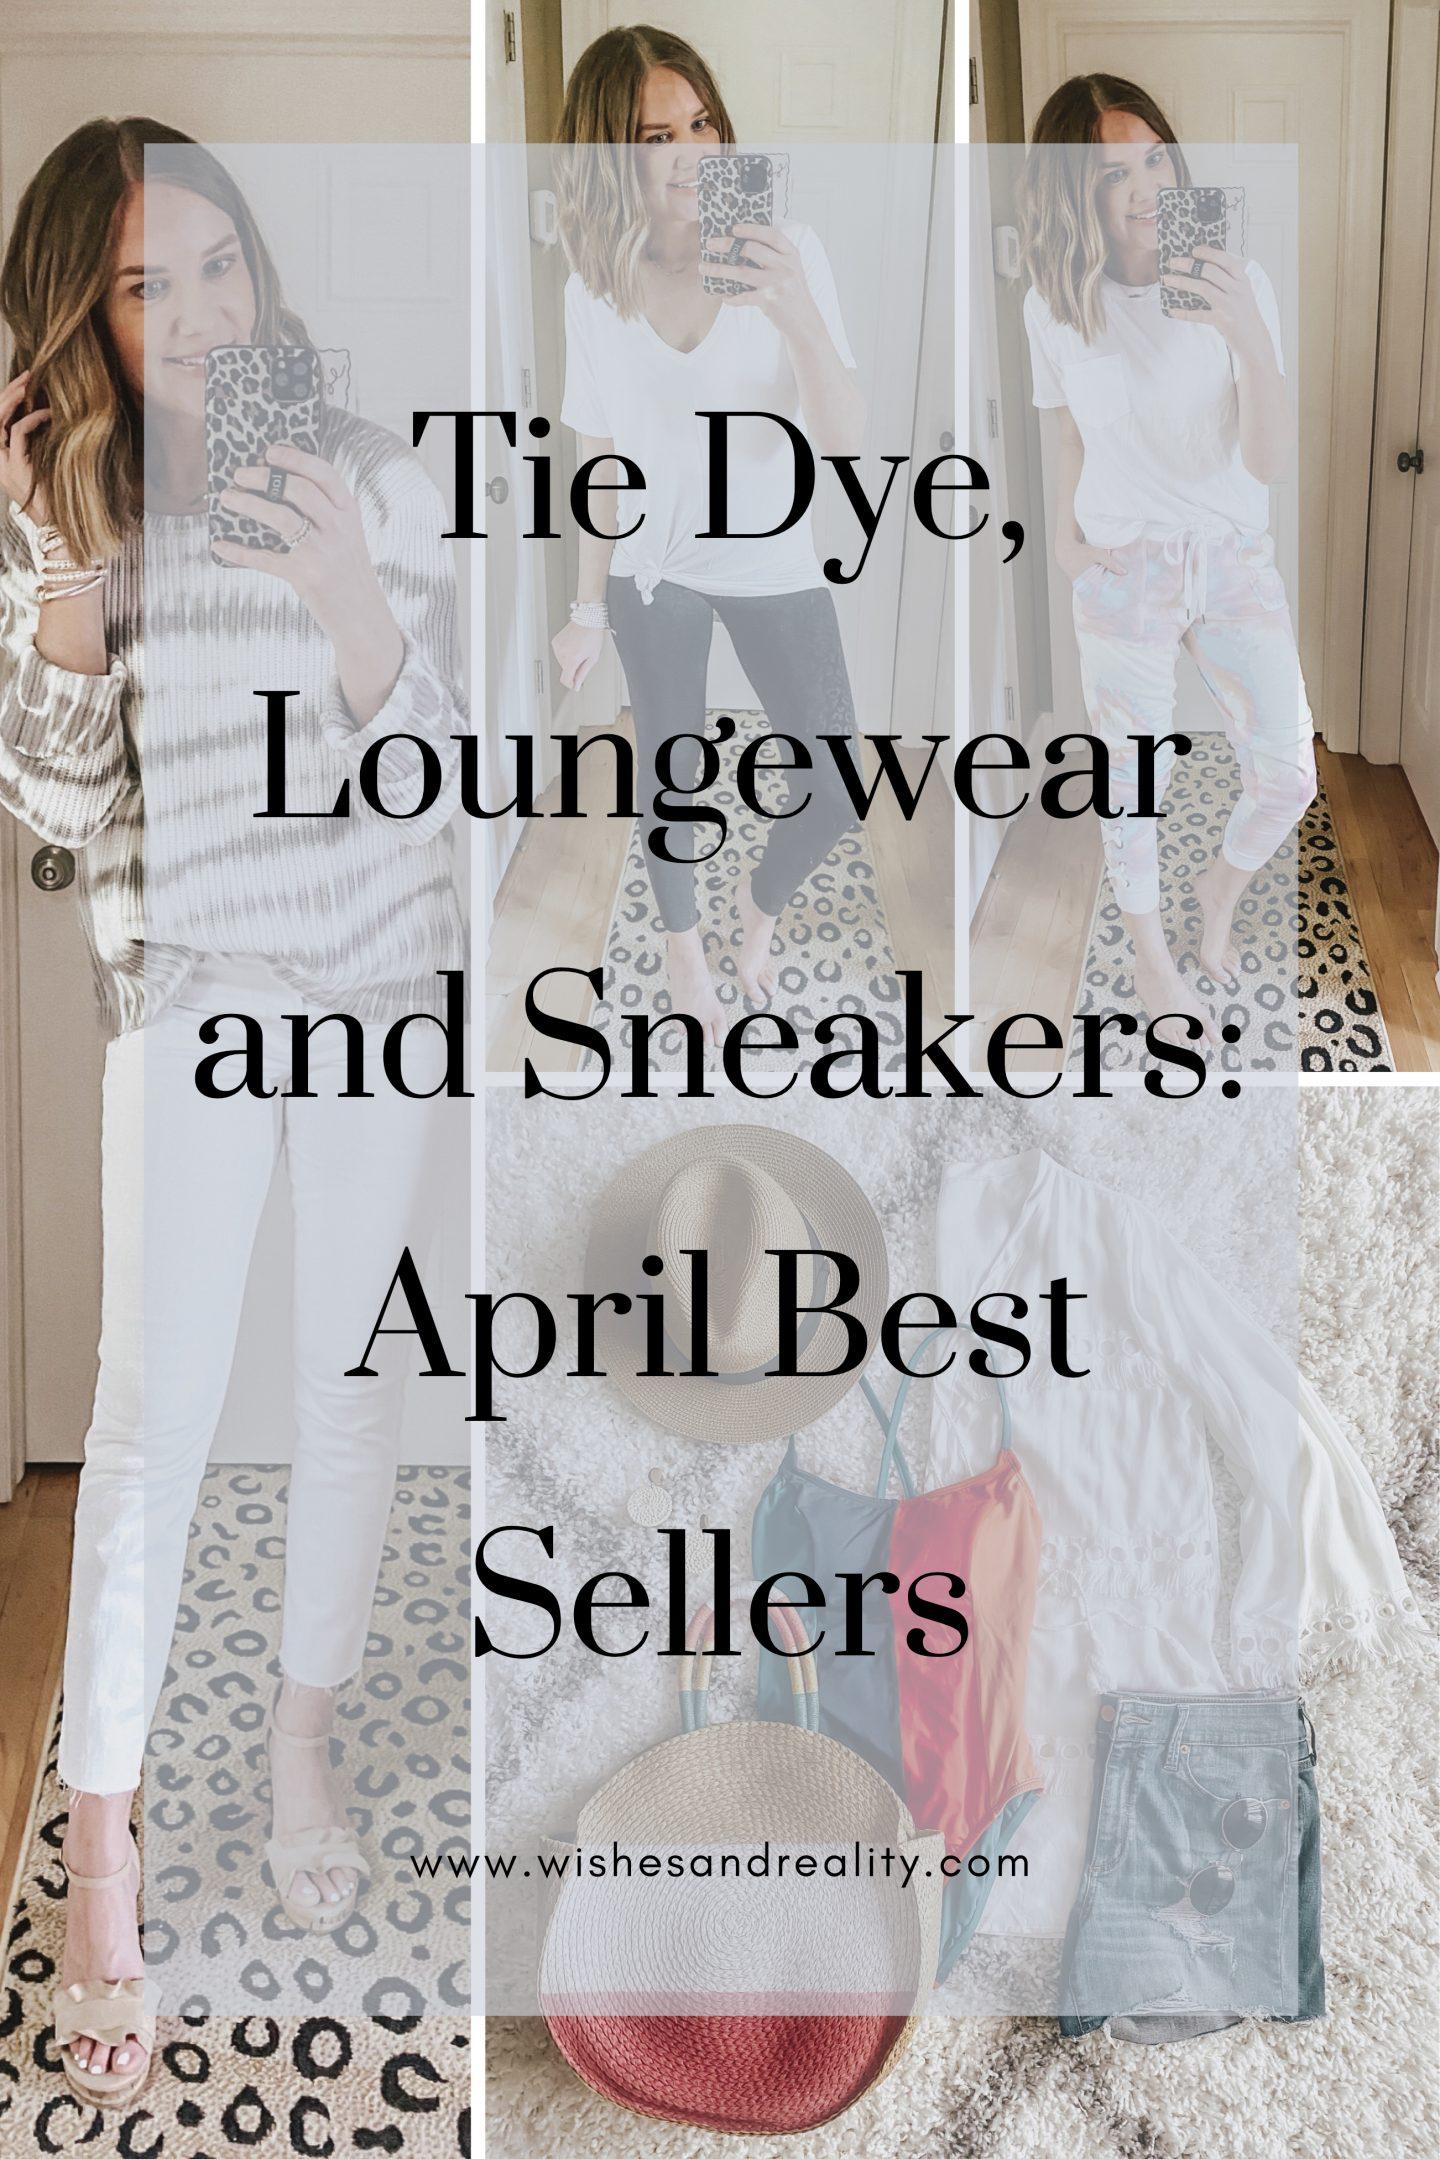 Tie dye, loungewear, sneakers, Walmart Fashion, April best sellers